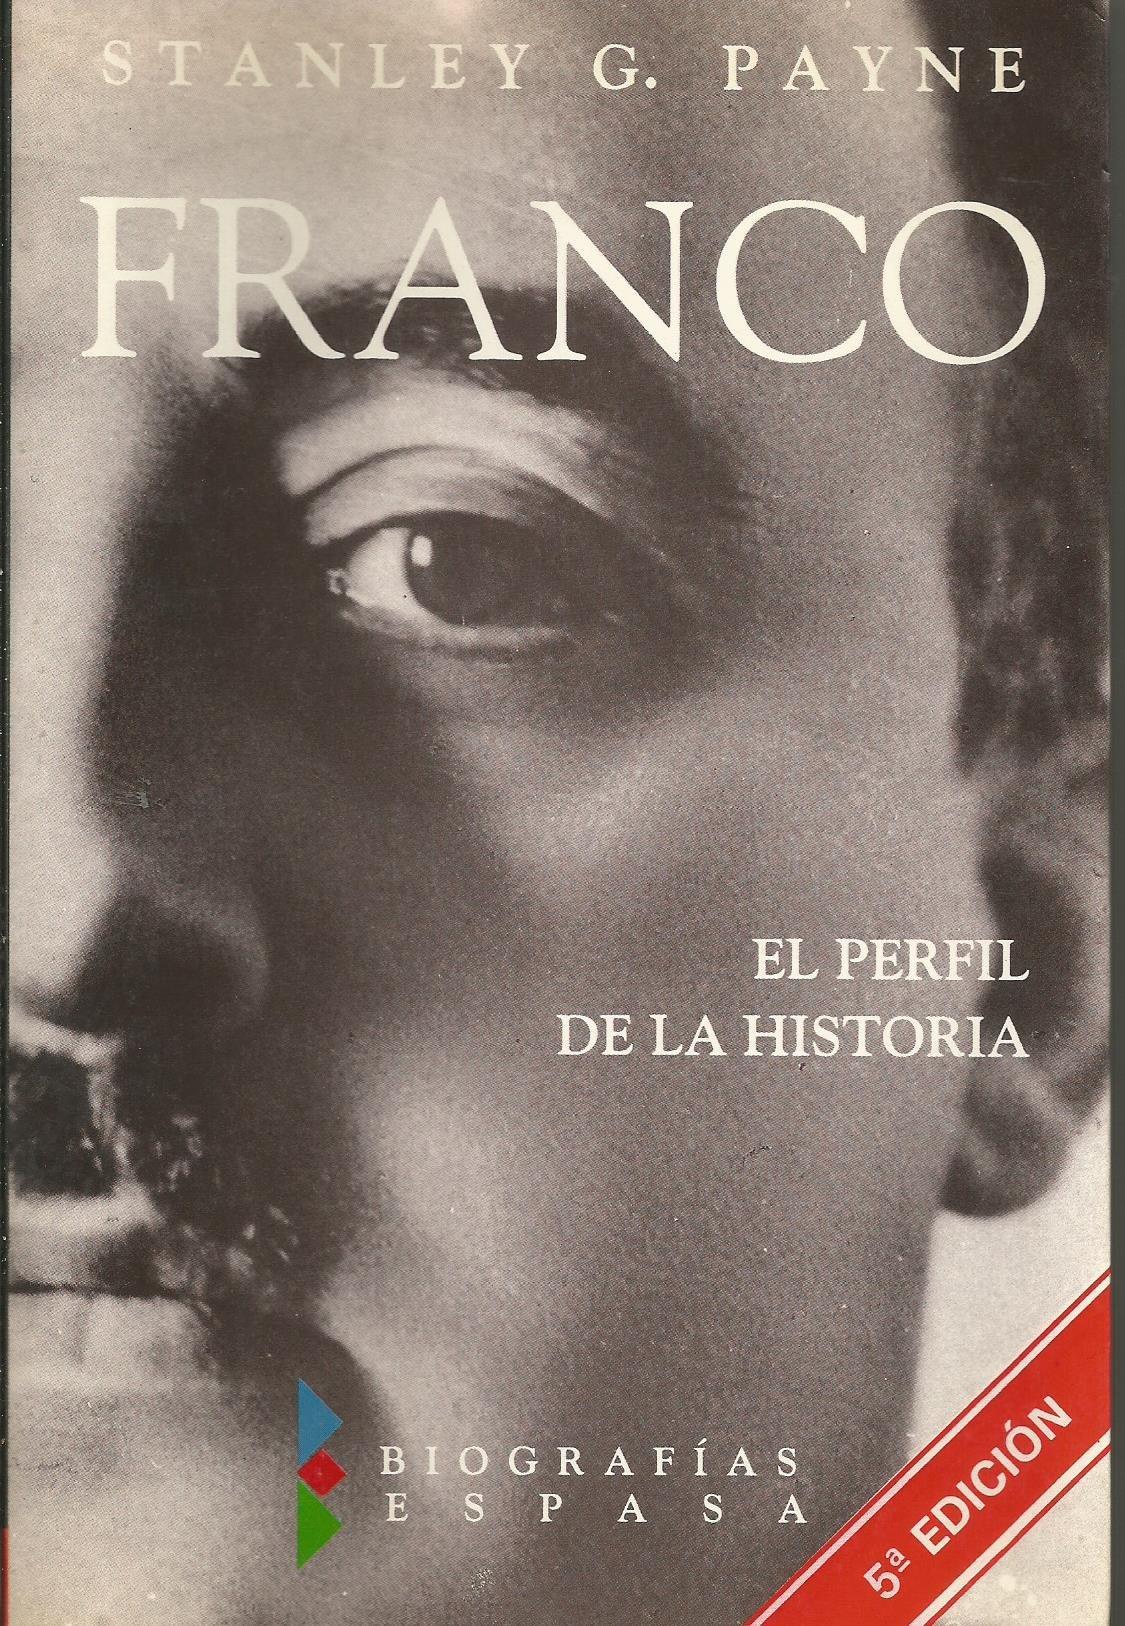 FRANCO. El perfil de la historia: Amazon.es: Payne, Stanley G.: Libros